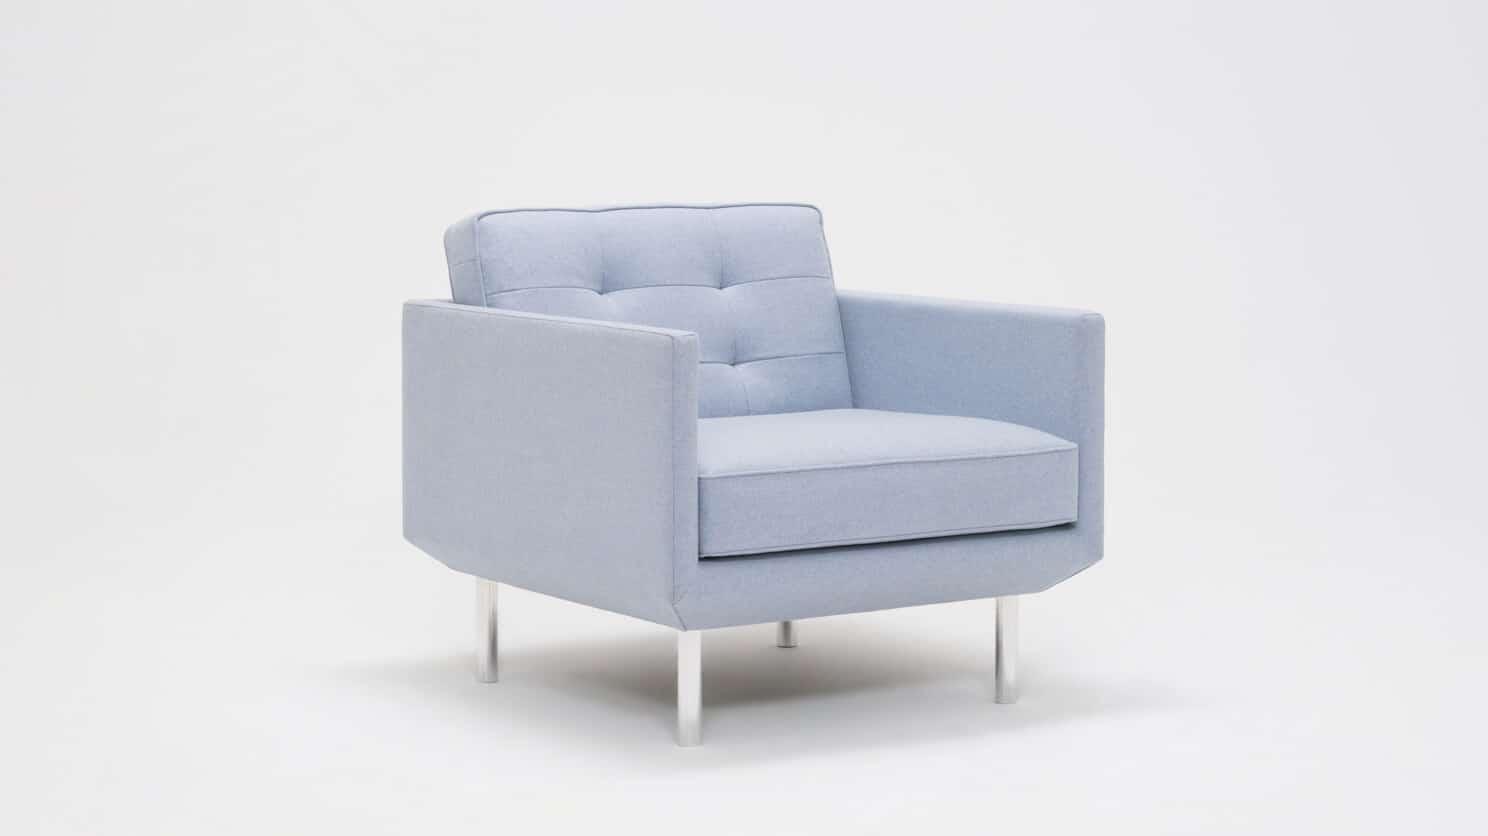 30155 95 par bp 2 chairs plateau club chair foam lana light blue corner 01